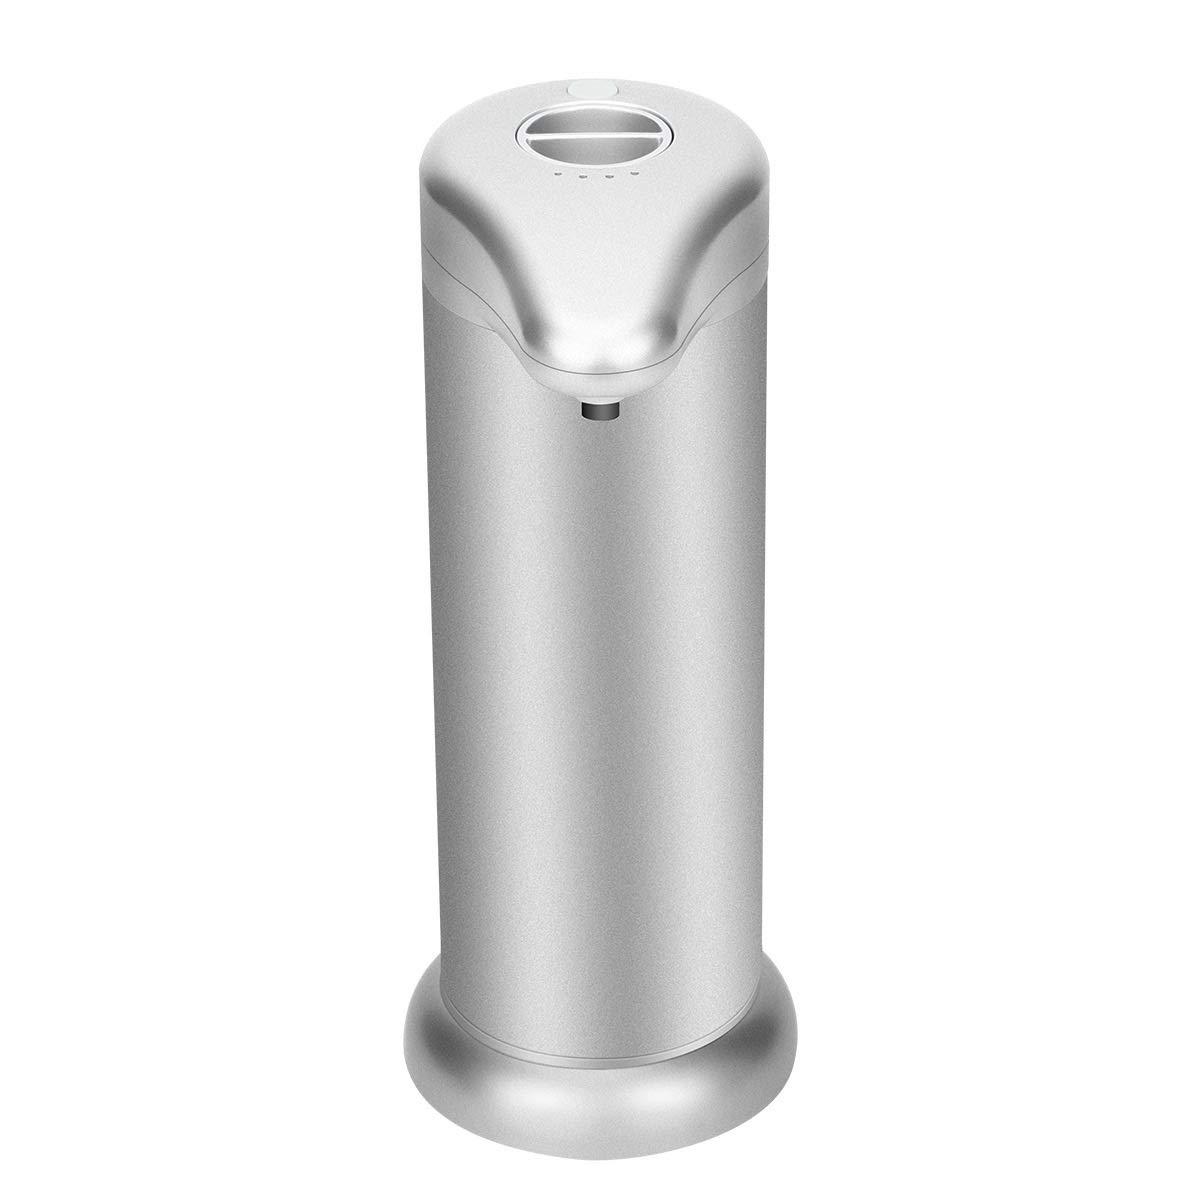 アルミ合金の石鹸ディスペンサーの浴室の自動赤外線感知の調節可能な流れ B07PGPB3WM